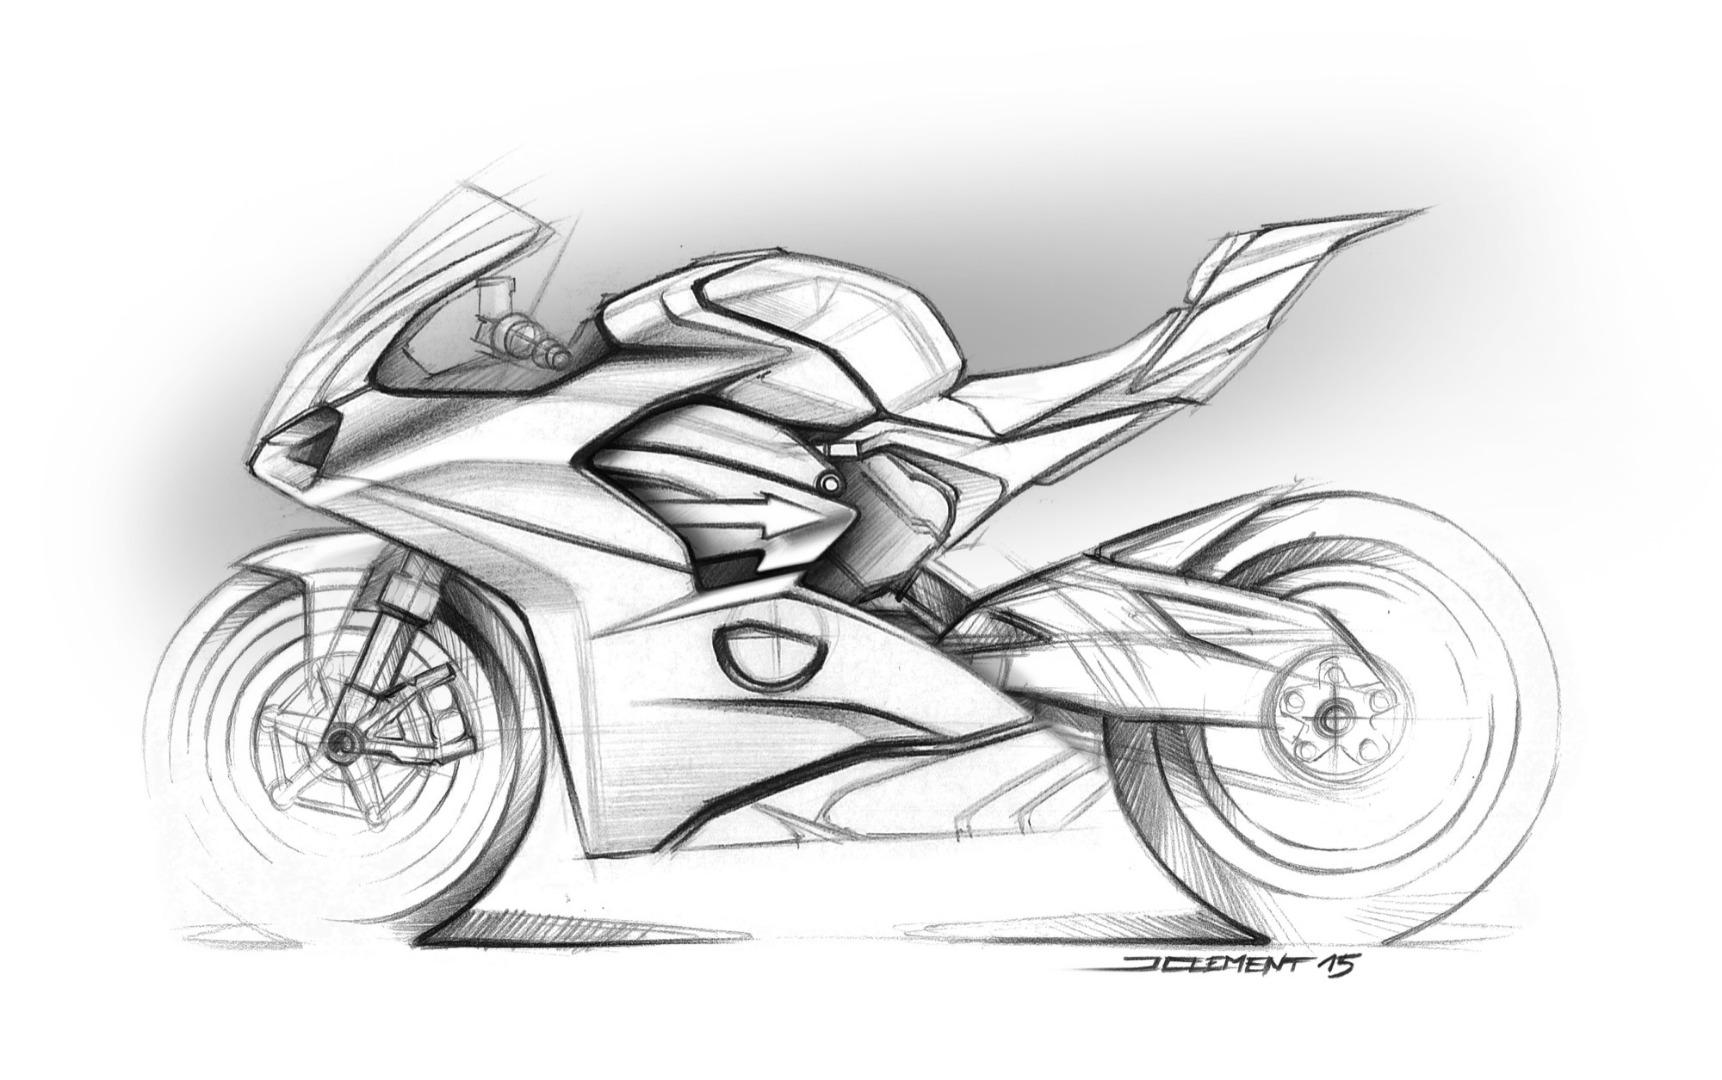 Proceso de desarrollo de una Ducati